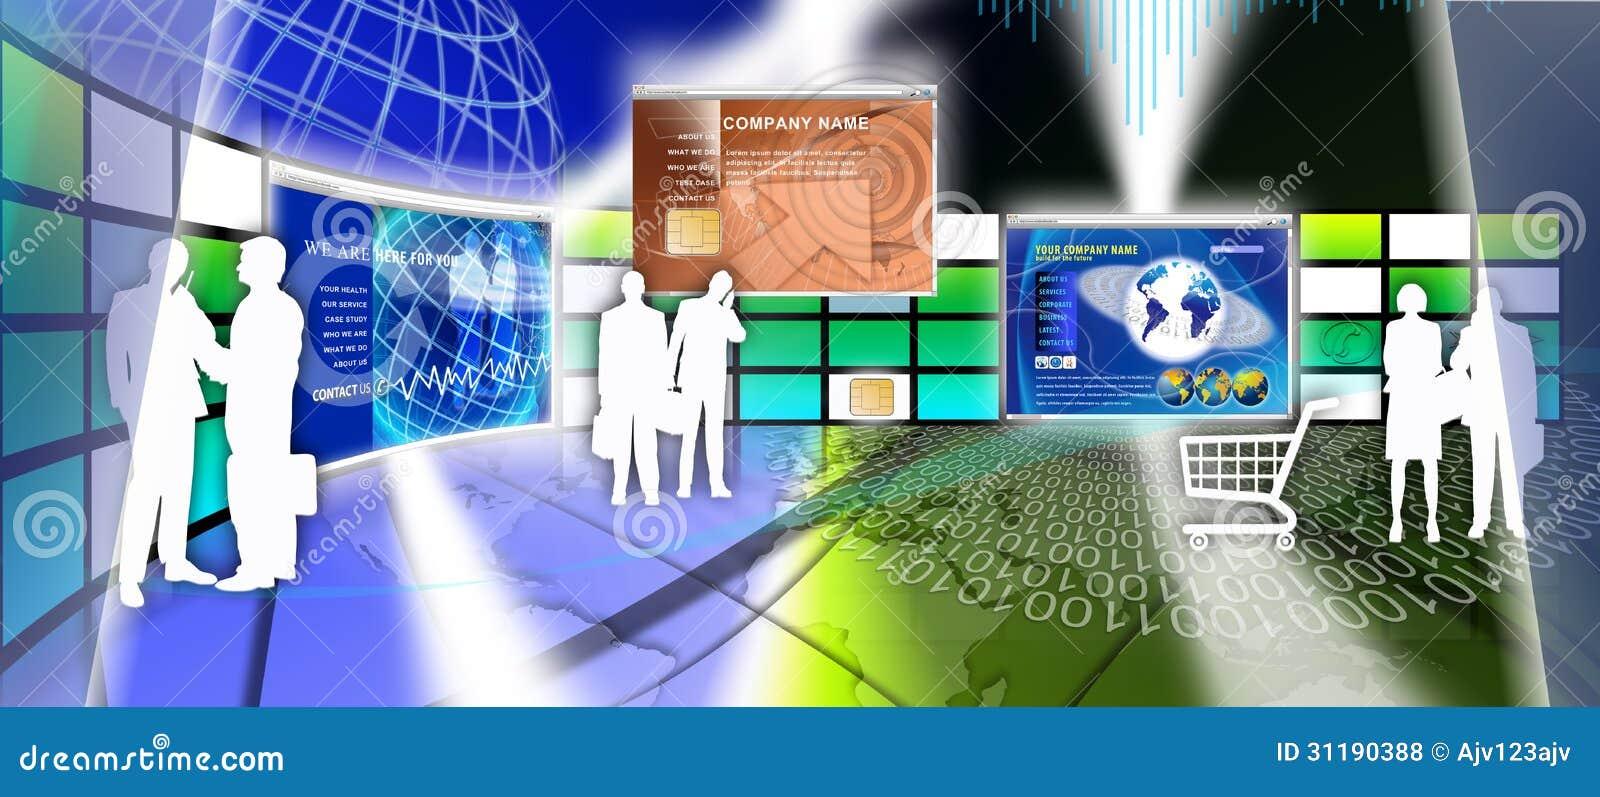 Diseño de la página del Web site de la tecnología